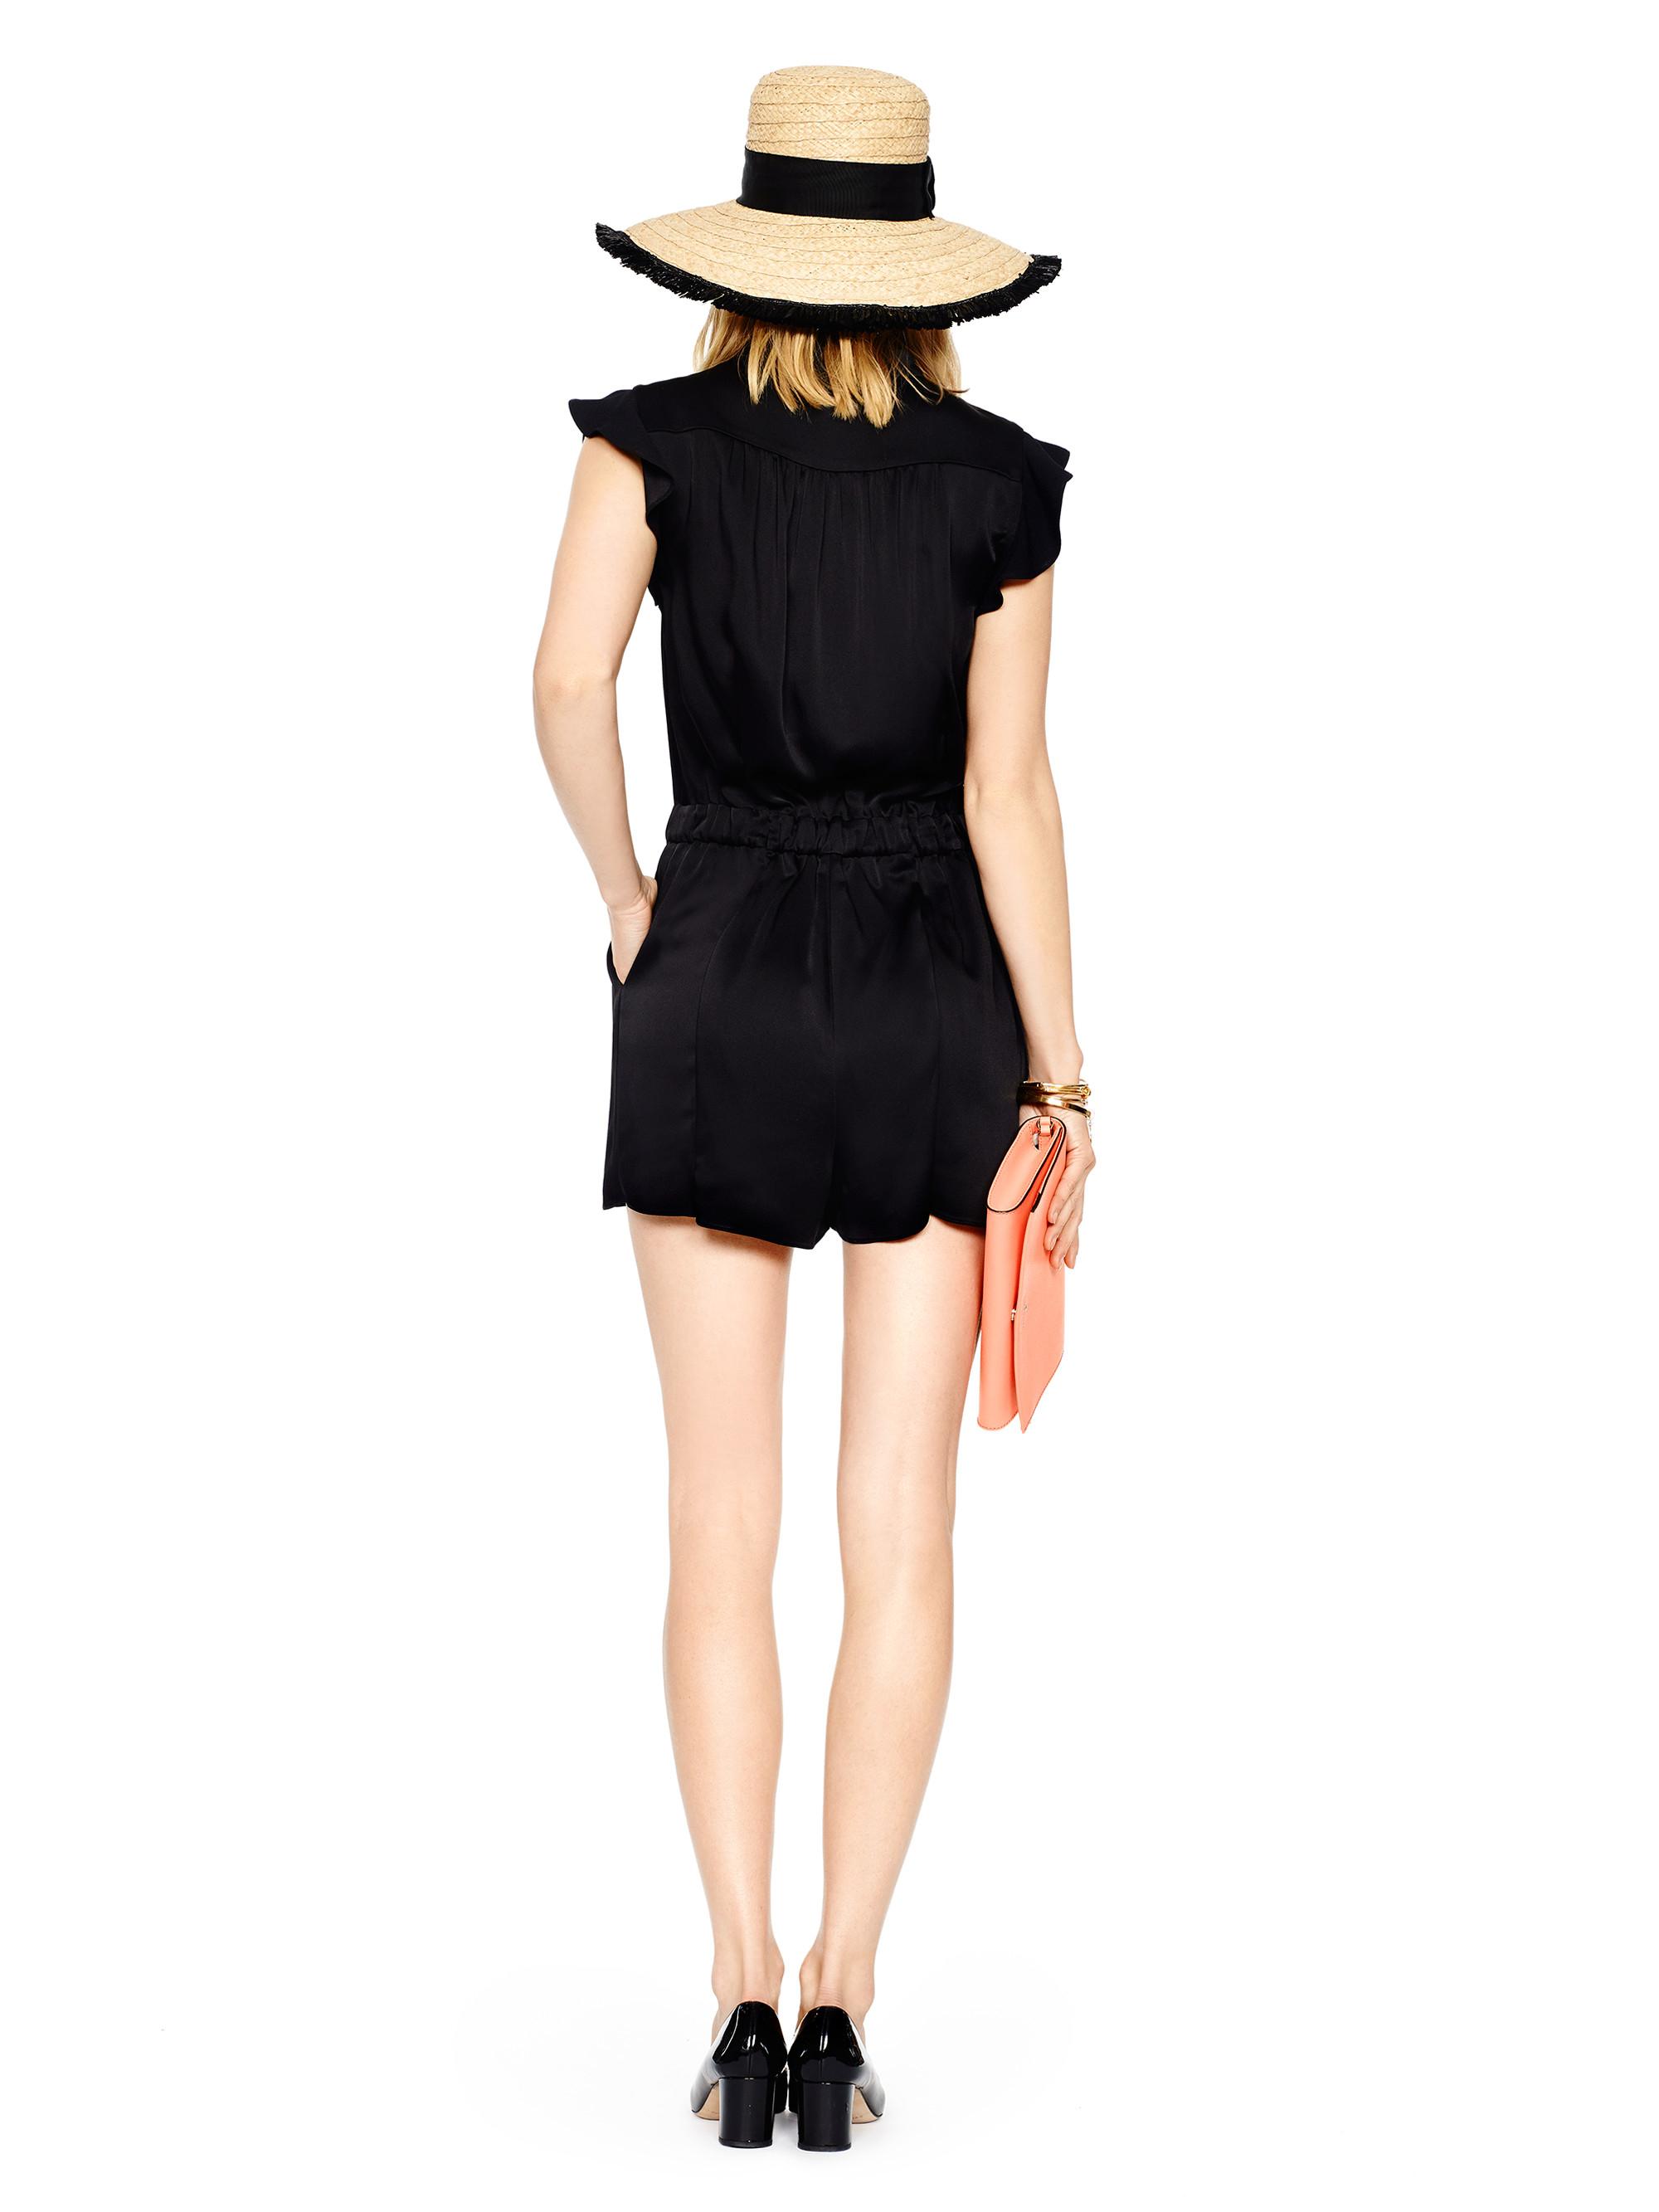 a6279de90b5 Lyst - Kate Spade Crepe Romper in Black